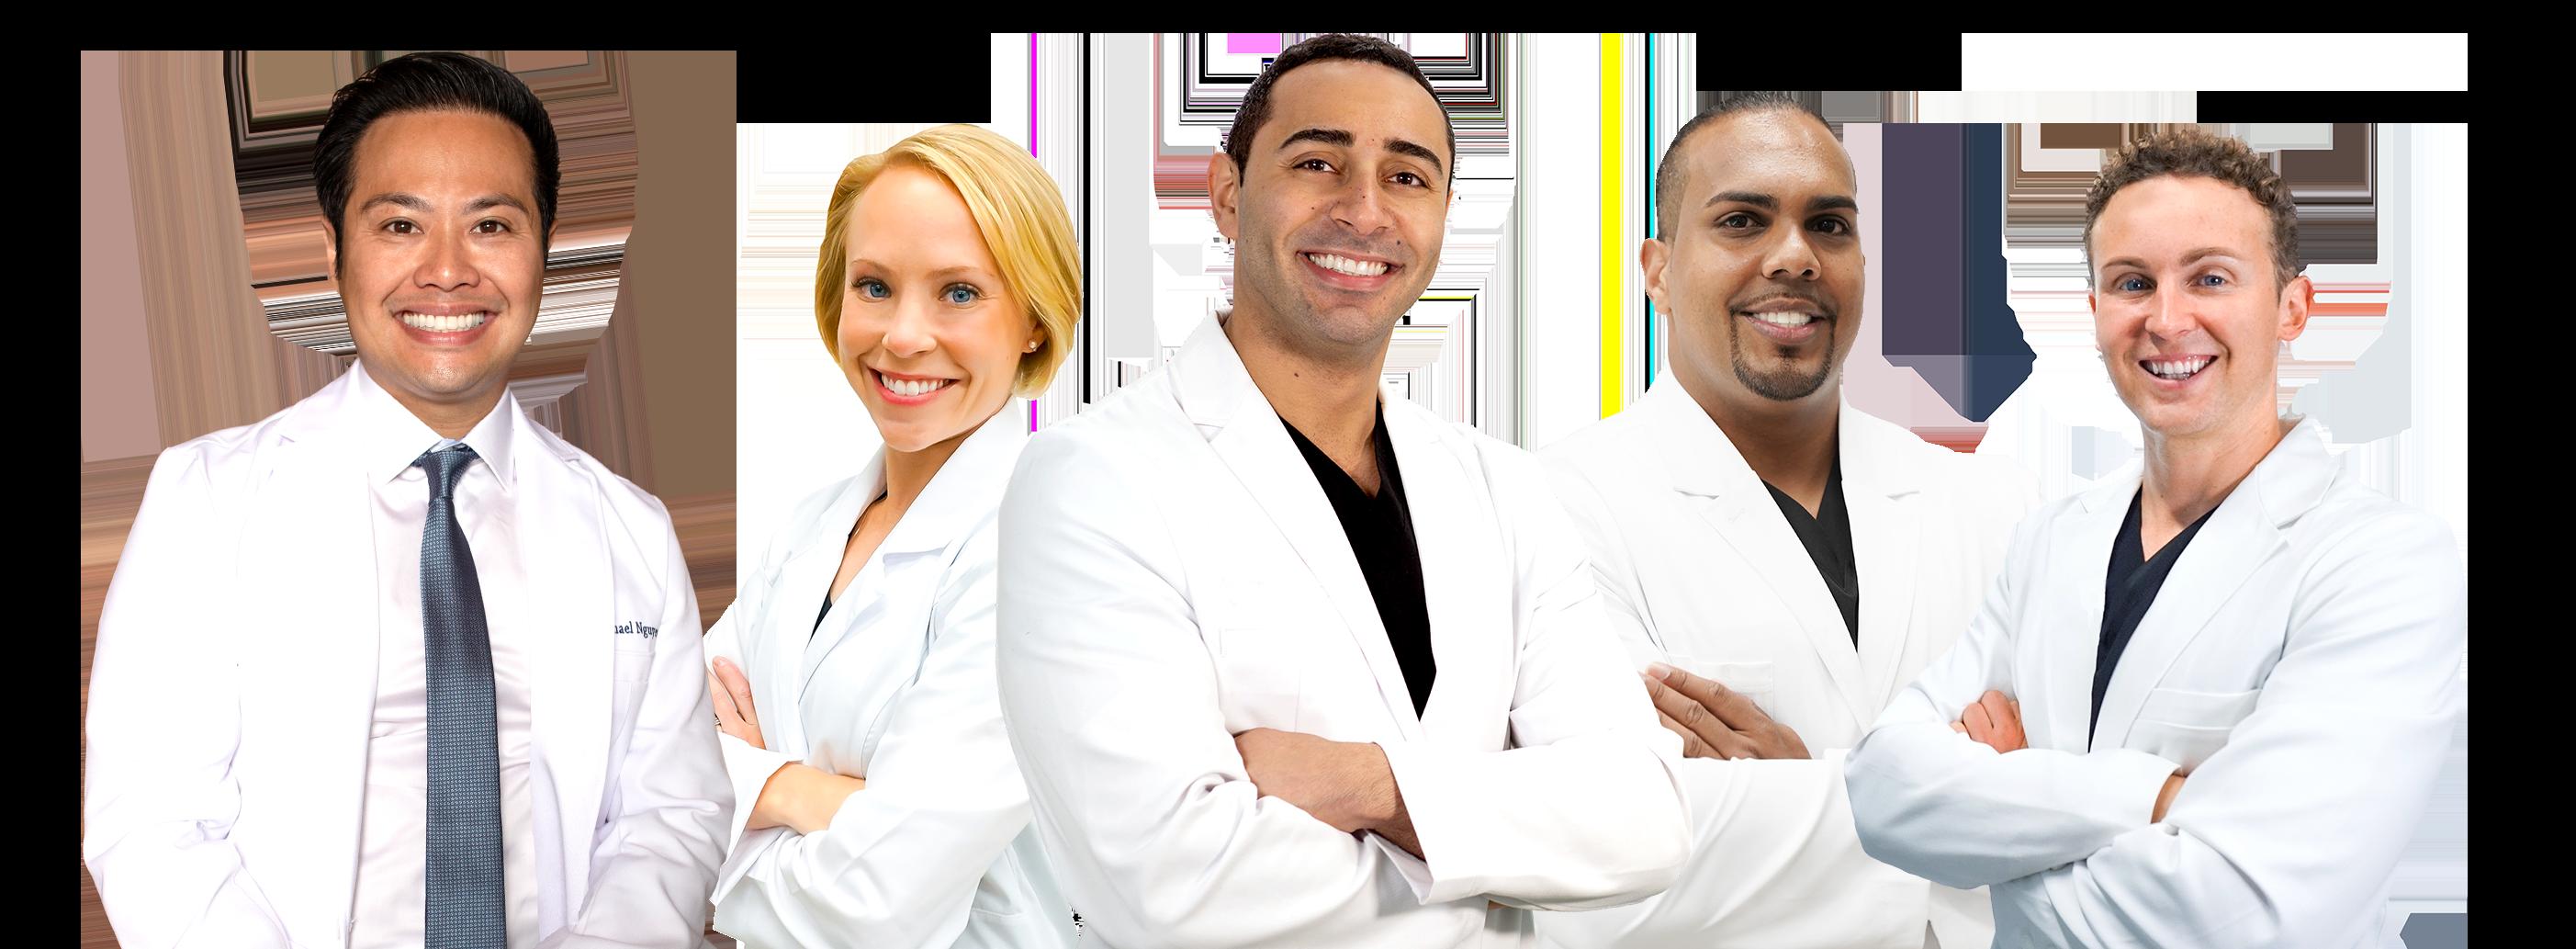 team-of-doctors(1)